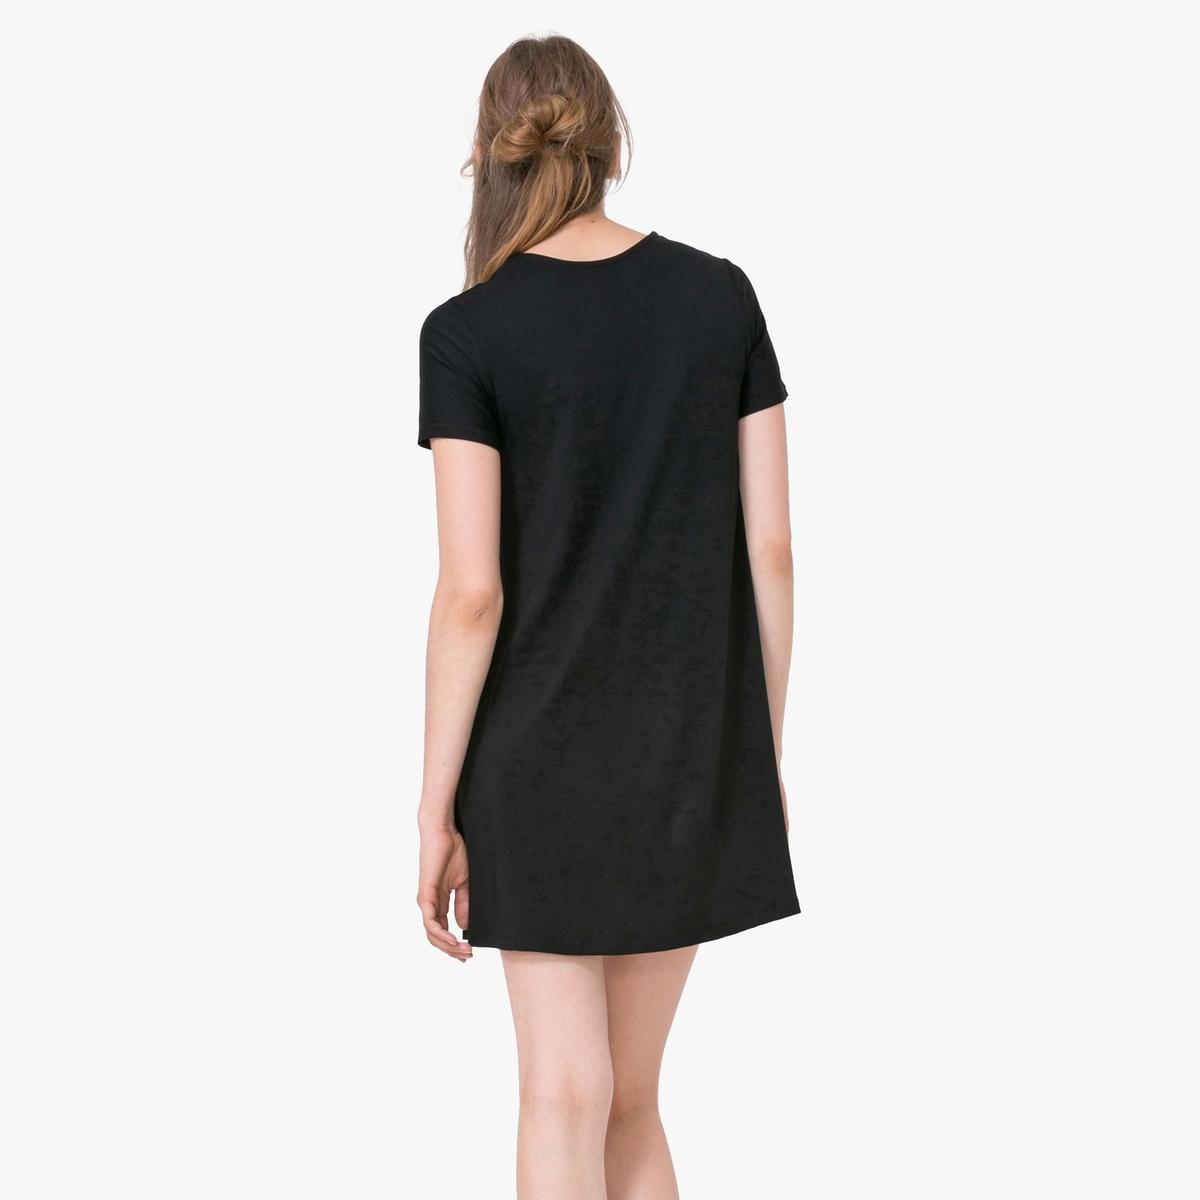 Платье с короткими рукавами и рисункомДетали  •  Форма : расклешенная  •  Короткое •  Короткие рукава    •  Круглый вырез •  Цветочный принтСостав и уход •  97% вискозы, 3% эластана •  Следуйте советам по уходу, указанным на этикетке<br><br>Цвет: черный<br>Размер: S